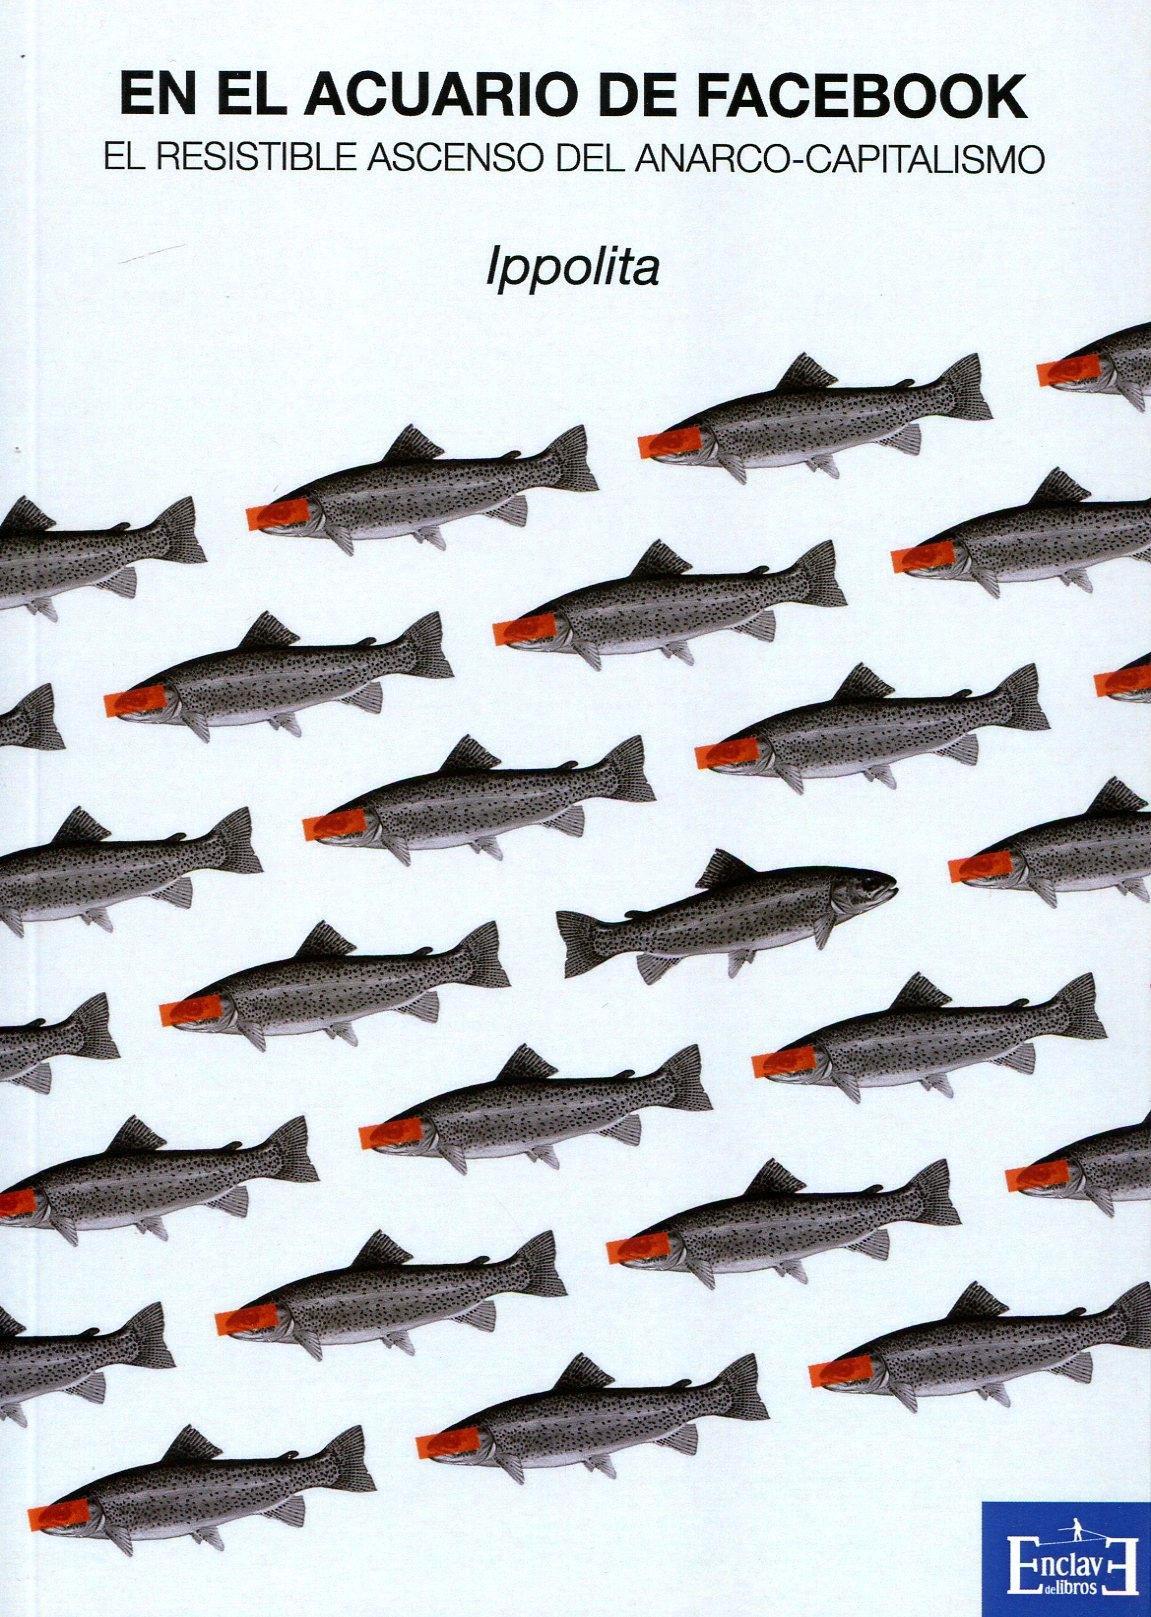 En el acuario de Facebook - Ippolita